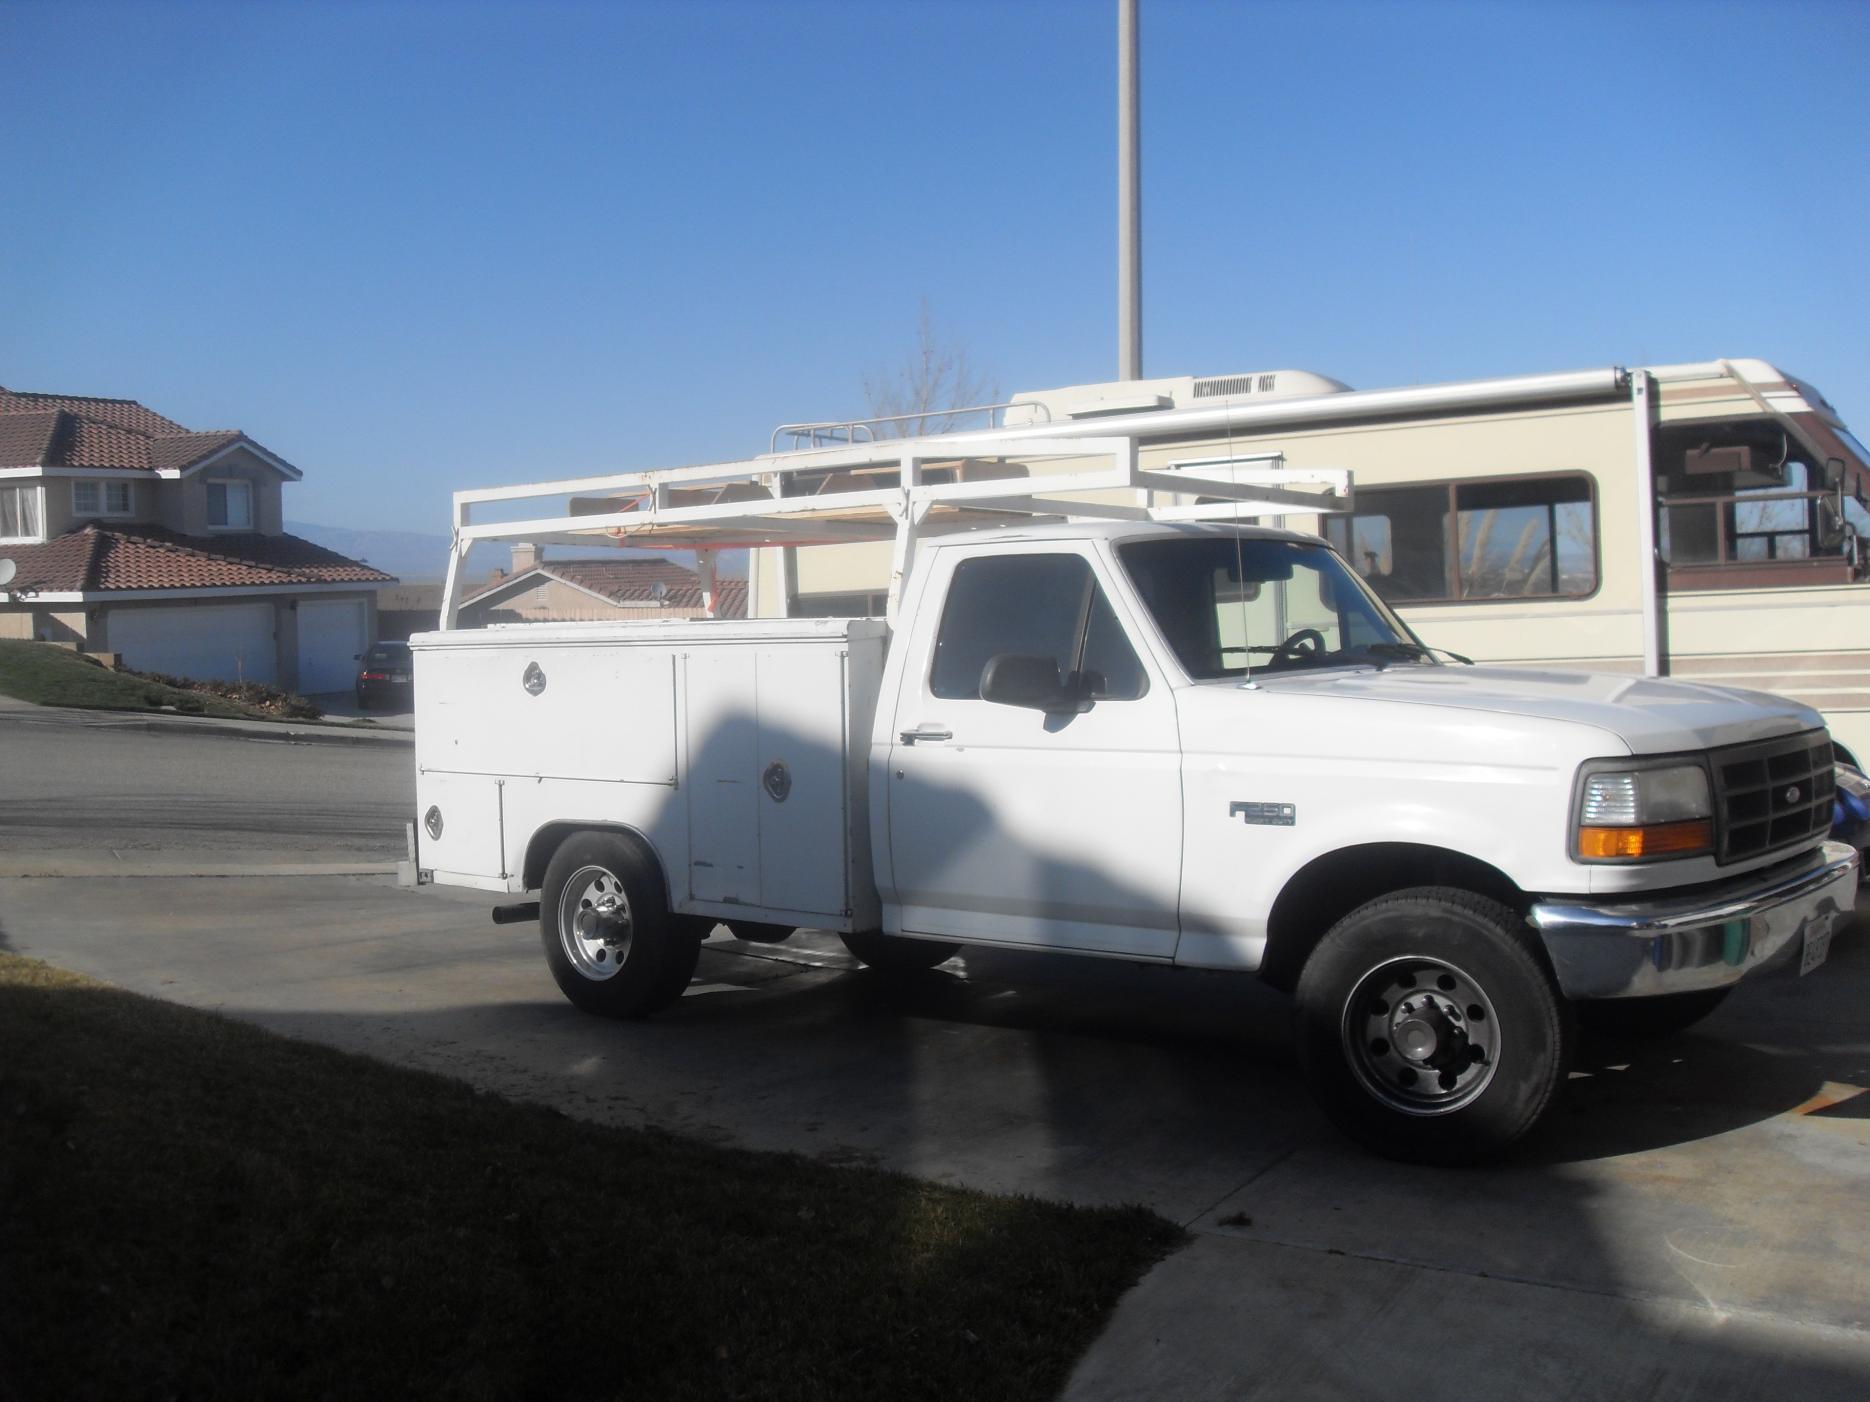 Post your work truck/van thread-sdc12487.jpg